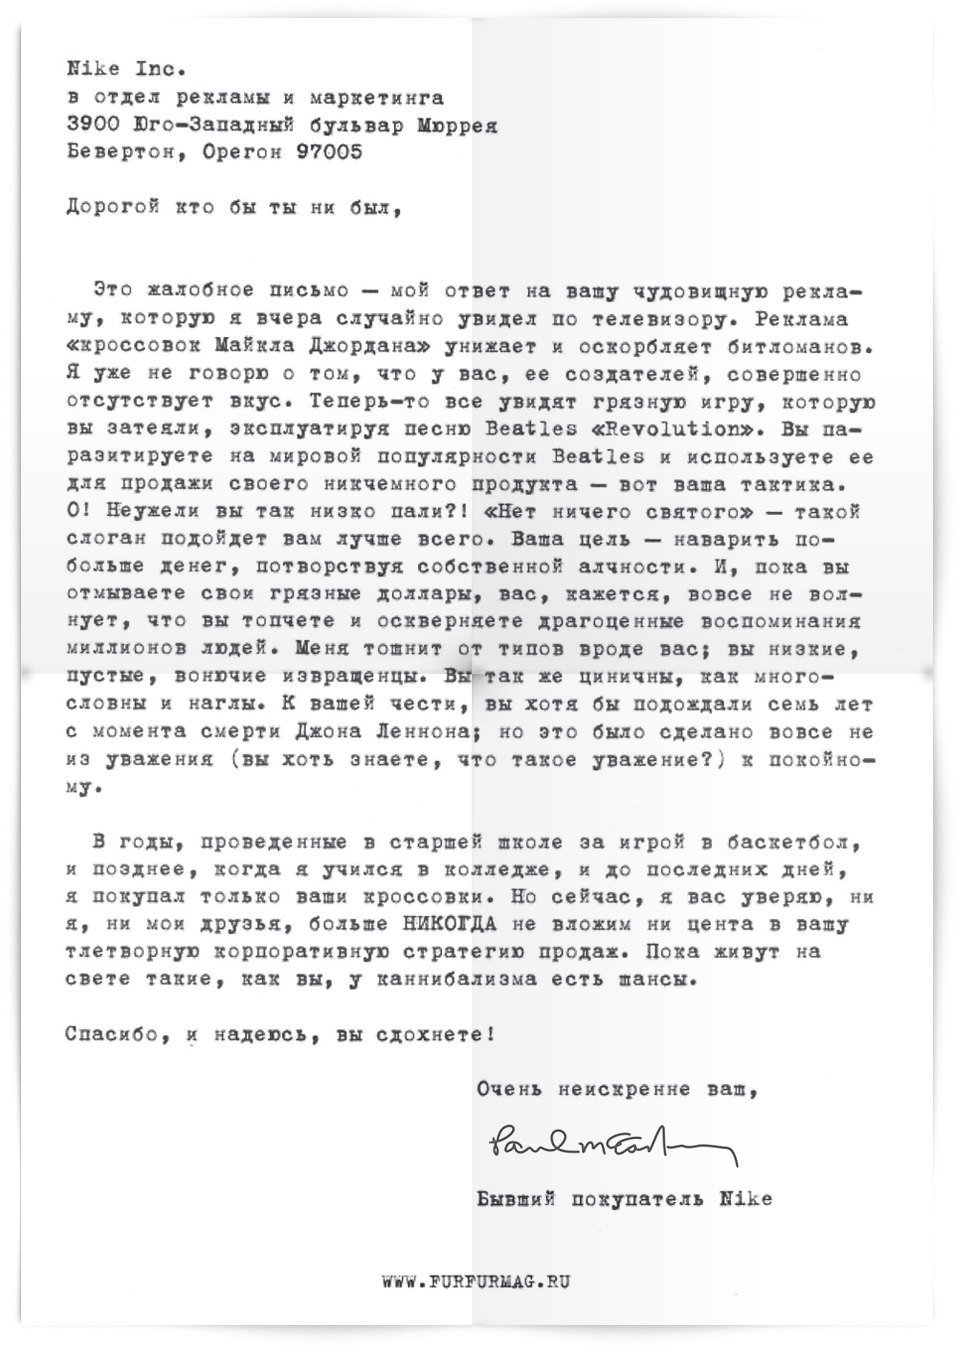 Воскресное чтиво: Письмо Пола Маккартни компании Nike. Изображение № 1.